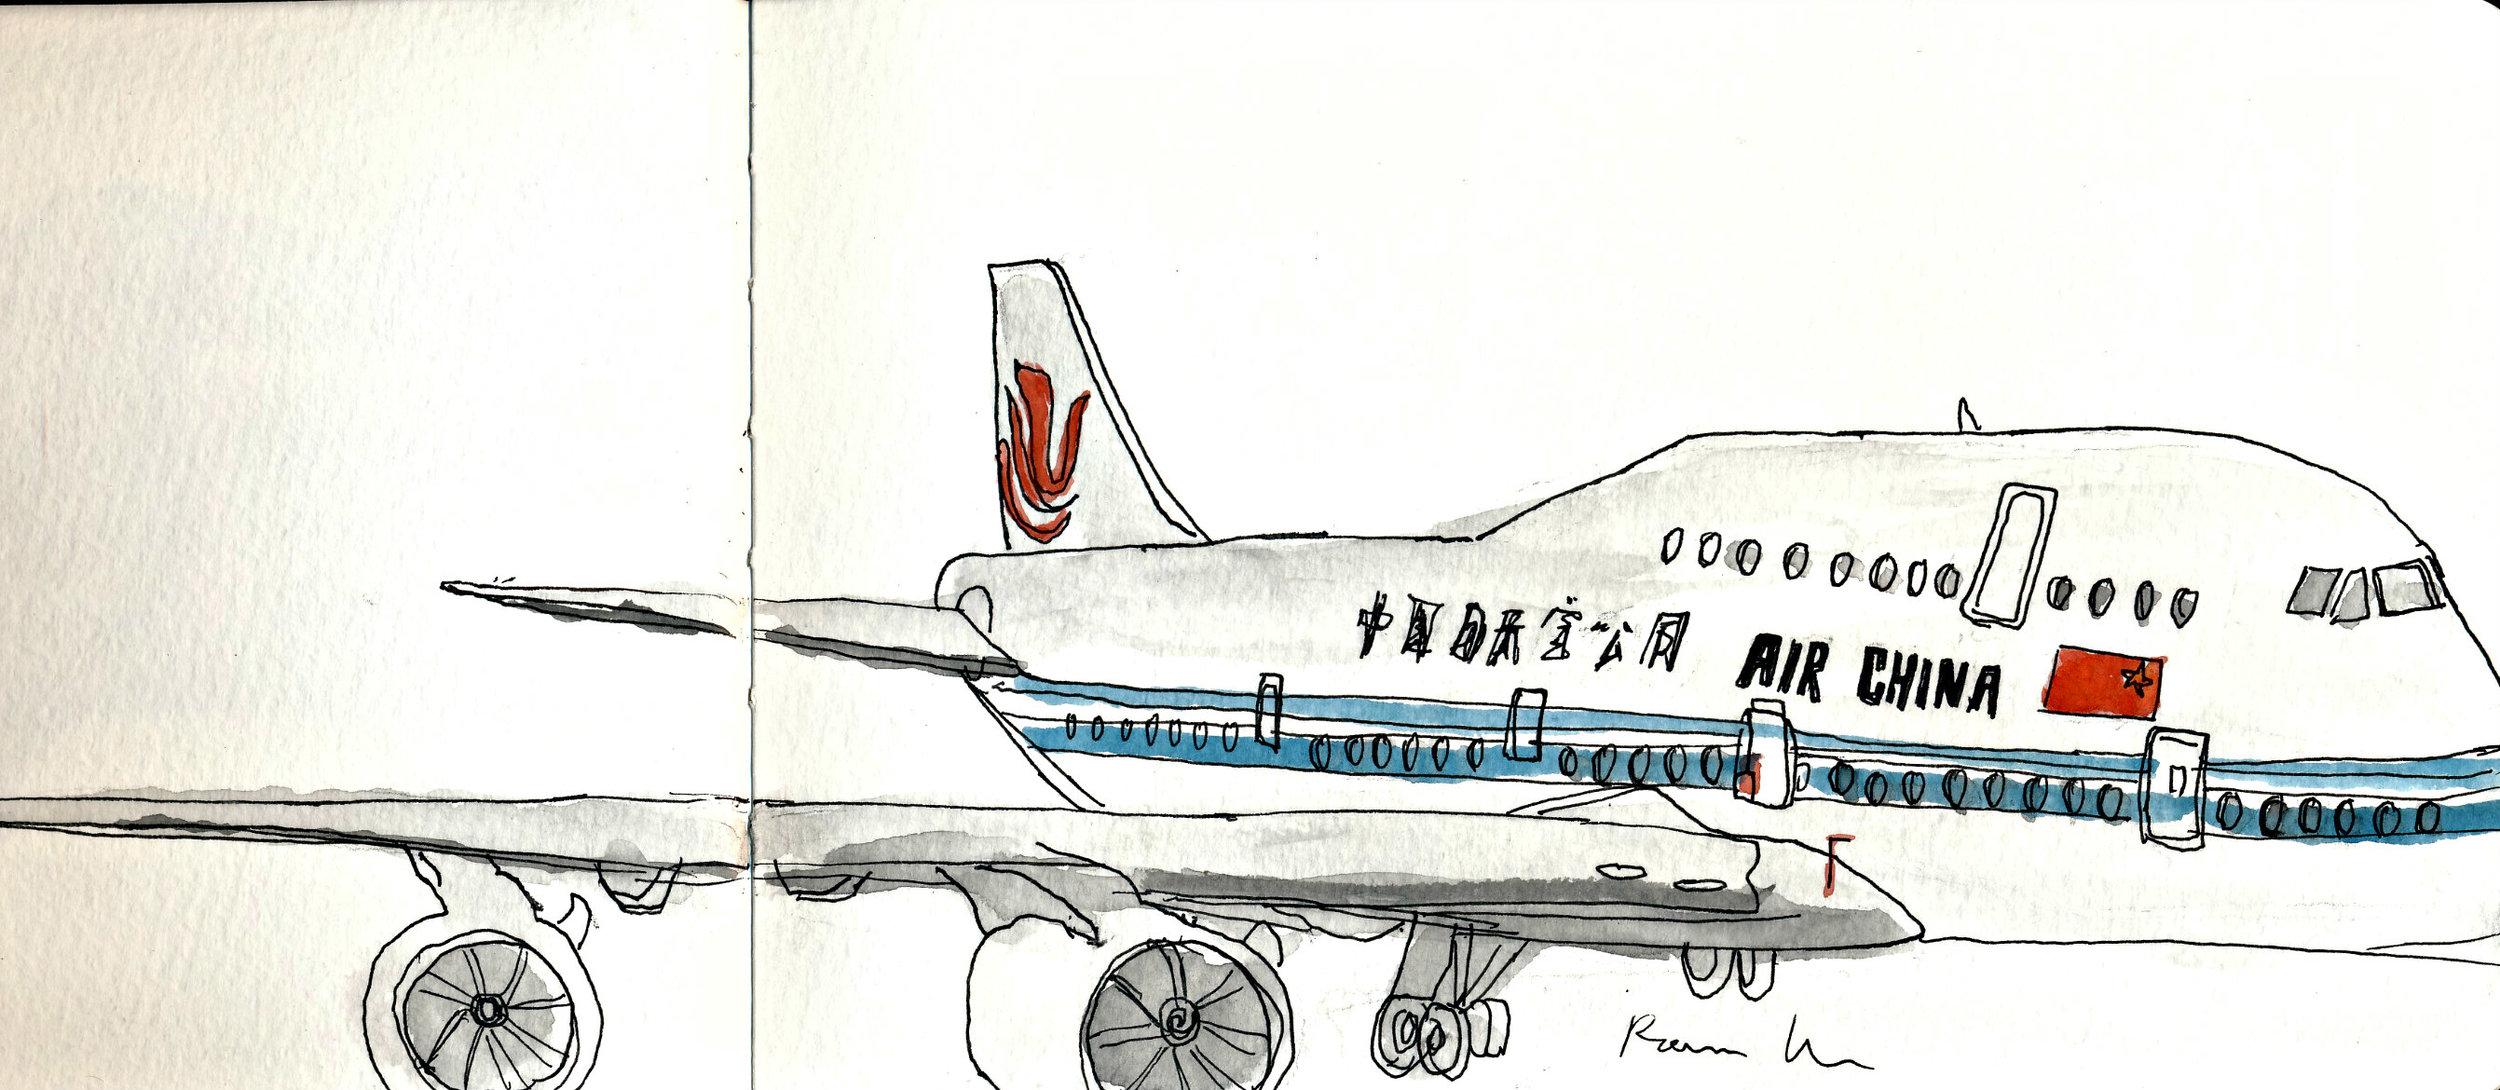 Air China.jpg